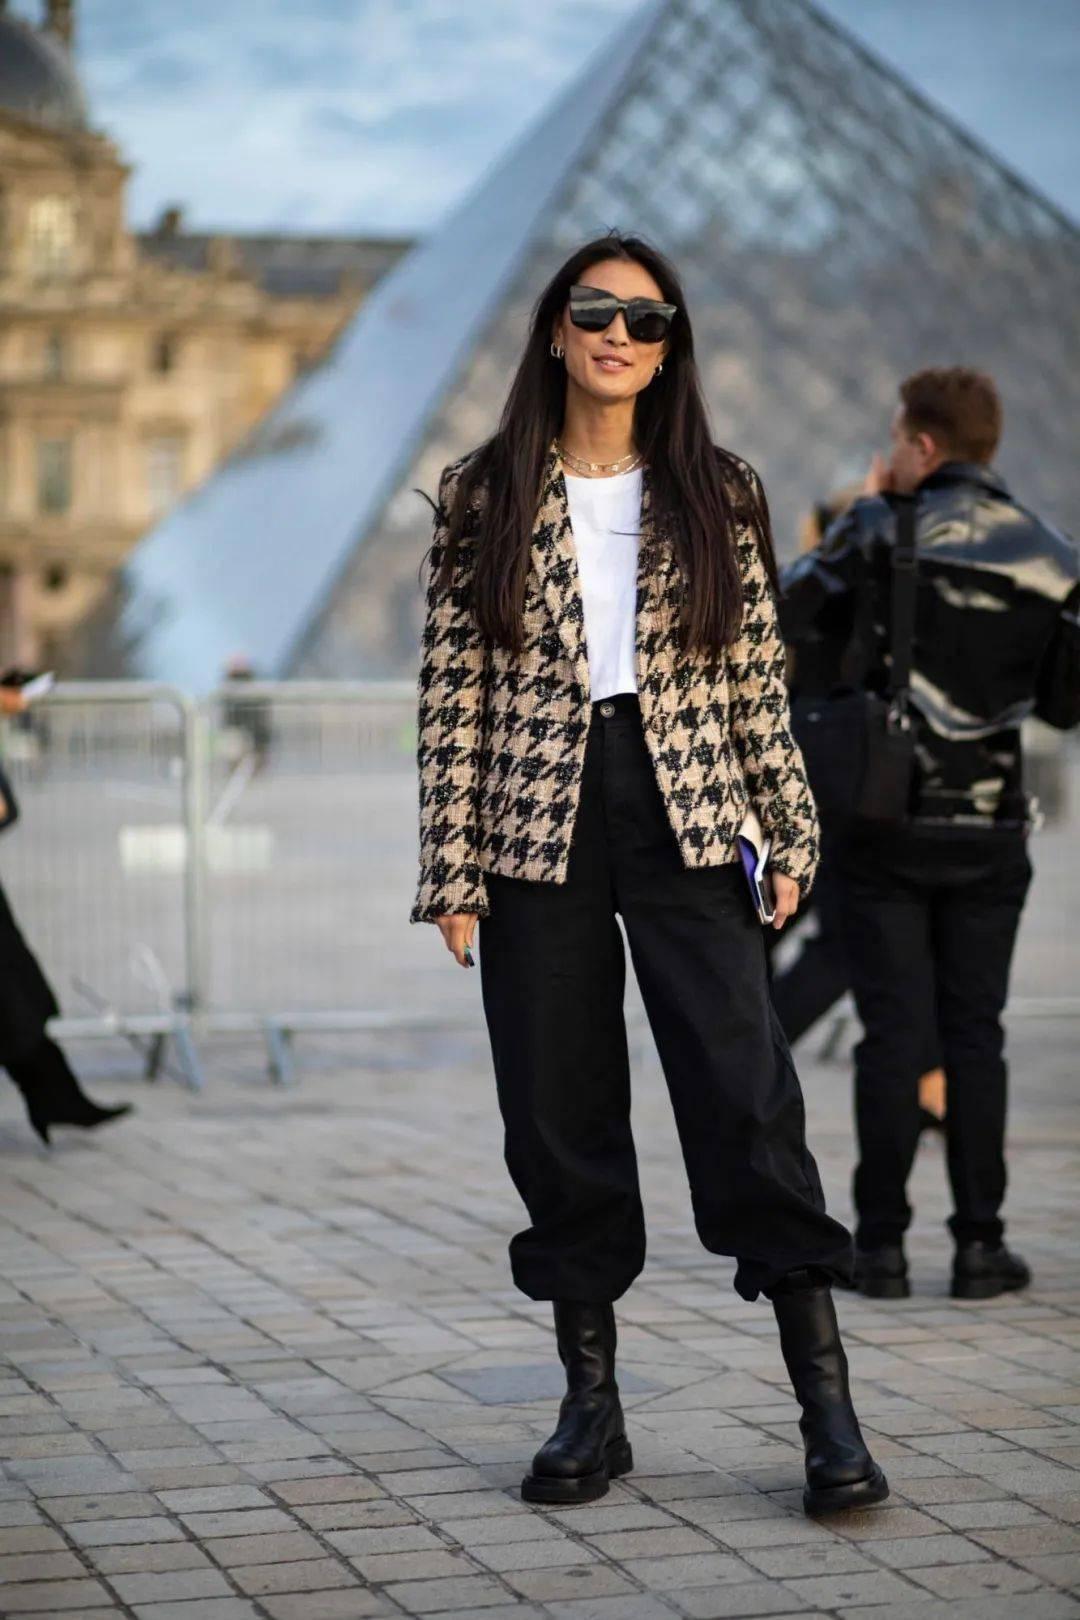 马丁靴+裙子,马丁靴+工装裤……又酷又撩,时髦炸了!     第36张